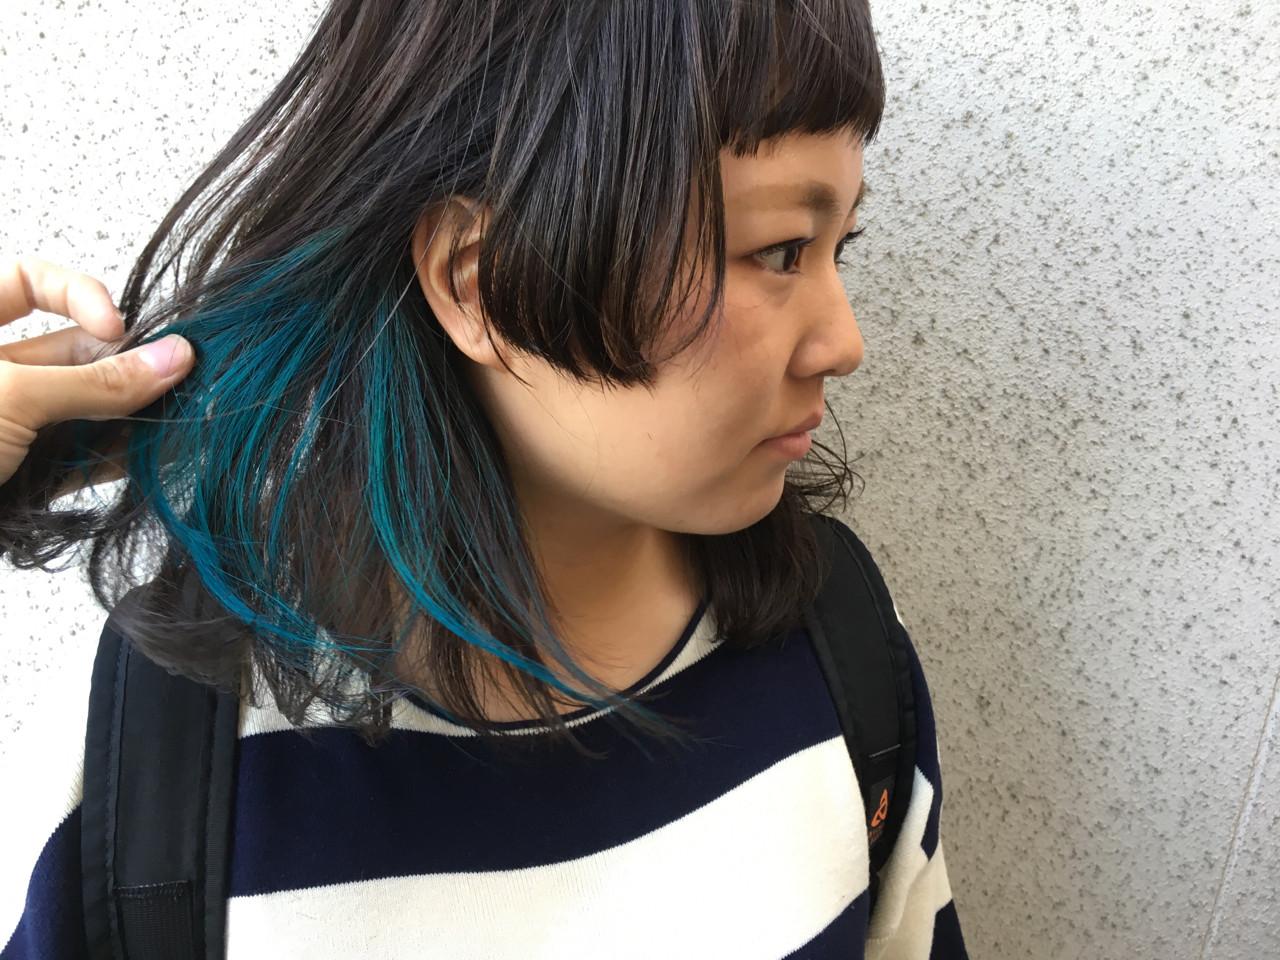 ミディアム ストリート 黒髪 暗髪 ヘアスタイルや髪型の写真・画像